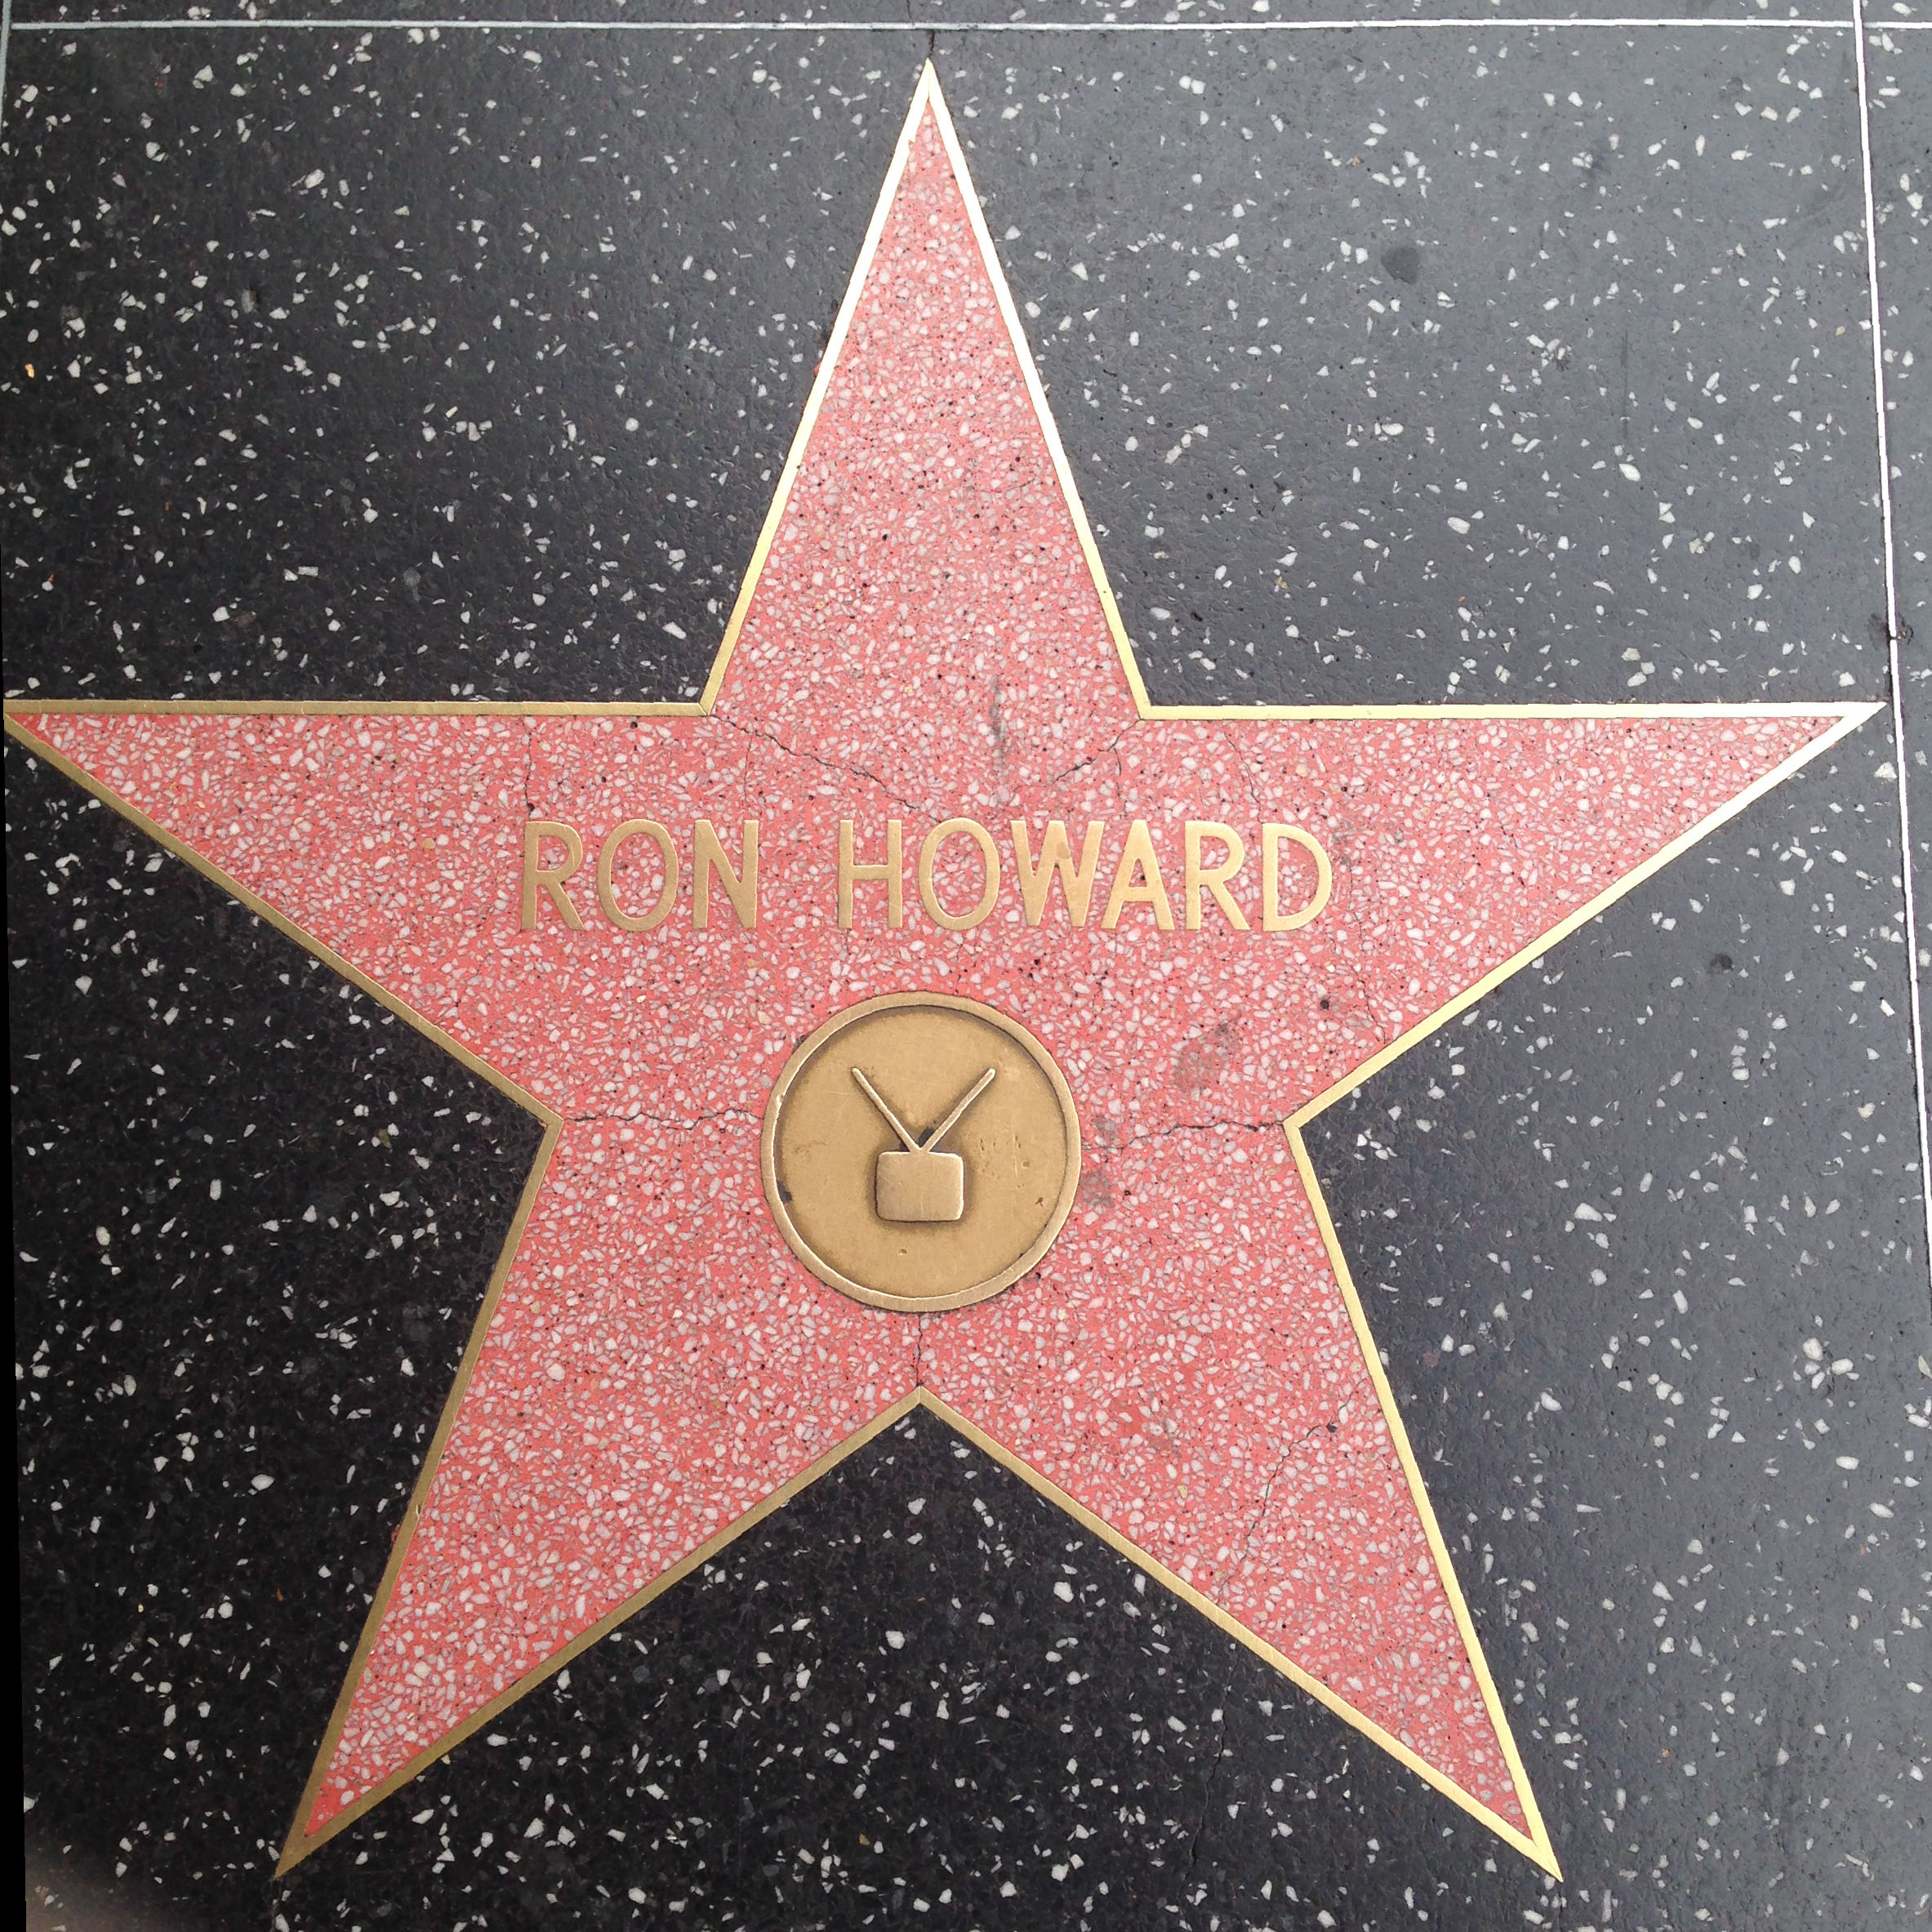 Star-RonHoward.JPG